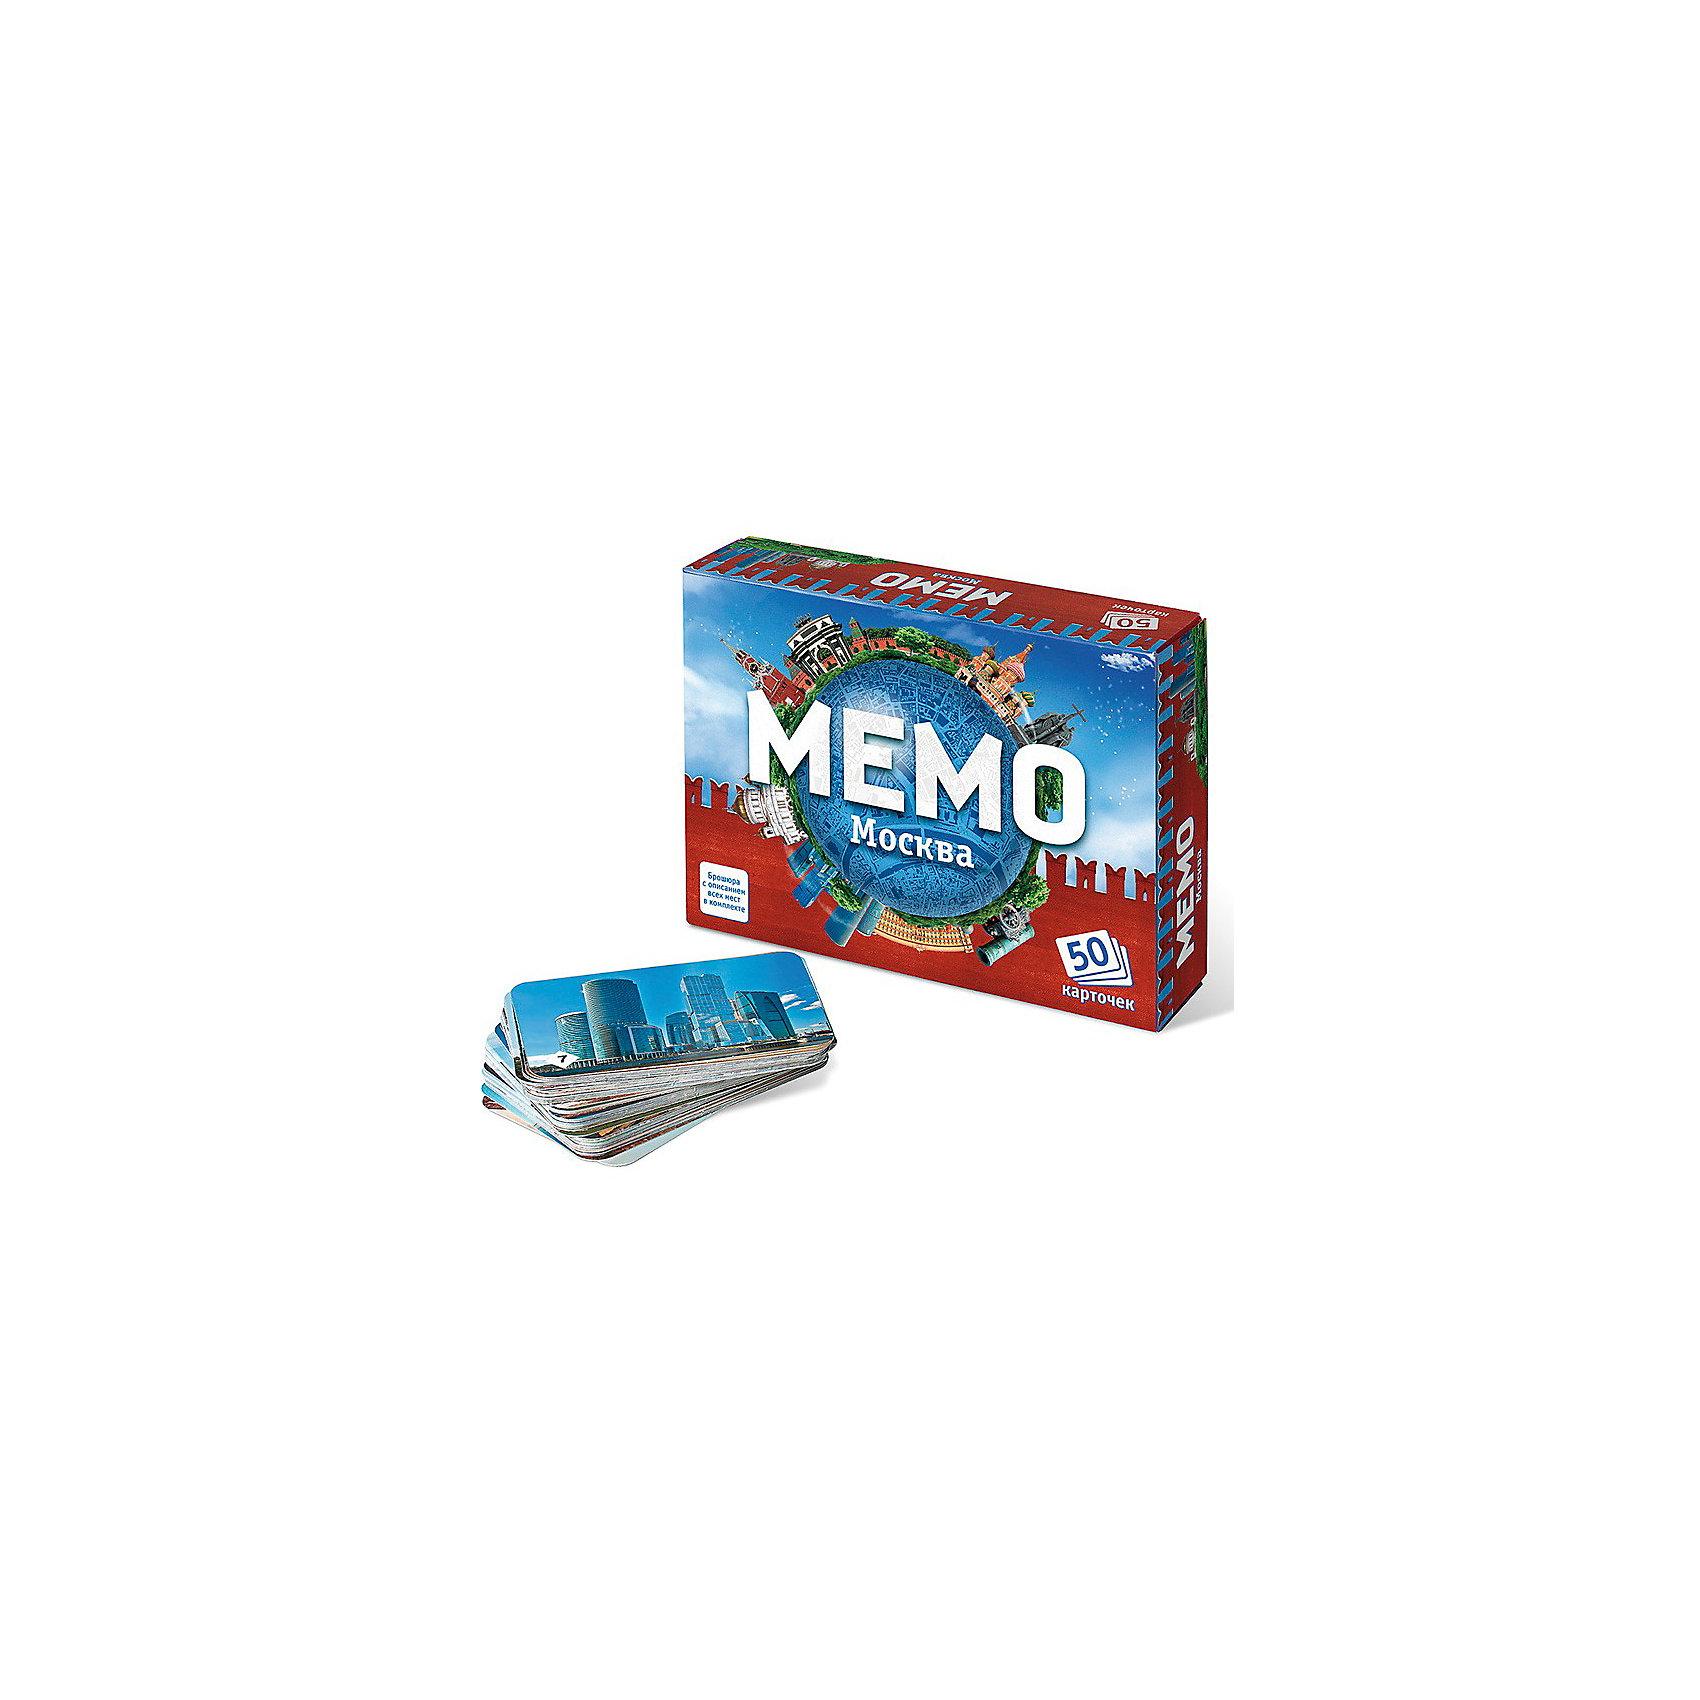 Игра Мемо. МоскваИгры мемо<br>Игра Мемо Москва – это полезная познавательная игра с простыми правилами обязательно понравится вашему ребенку.<br>Мемо - это игра для тренировки зрительной памяти. В состав игры входит 50 парных карточек, то есть всего 25 пар карточек. Перед началом игры карточки перемешиваются и раскладываются на столе картинками вниз. Играют несколько игроков. В свой ход игрок переворачивает 2 любые карточки и показывает их остальным игрокам. Если карточки одинаковые, игрок забирает их себе и делает еще один ход. Если разные - переворачивает их и кладет обратно, а ход переходит к следующему игроку. Выигрывает игрок, собравший к концу игры наибольшее количество карточек. Игра Мемо Москва будет интересна еще и с познавательной точки зрения. На карточках изображены известные места и памятники на территории Москвы. В состав входит буклет с описанием всех мест, изображённых на карточках. Ваши дети не только потренируют память, но и узнают много нового. Можно разнообразить игру, например, ввести правило, называть изображения на карточках, которые удалось открыть. Или находить на карте Москвы места их расположения. Игра Мемо помогает развить память, она очень полезна для дошкольников и младших школьников. В такую игру можно играть вдвоем с ребенком, а можно использовать ее на детских праздниках, когда требуется немного успокоить детей. Игра будет интересна и взрослым в качестве простой, недолгой, увлекательной игры. Карточки занимают достаточно мало места, их можно взять с собой в поездку.<br><br>Дополнительная информация:<br><br>- Возраст: для детей от 5 лет<br>- Вес: 138 гр.<br>- Размер упаковки: 12,5 x 17 x 4 см<br>- Размер карточек: 6,3 х 9,3 см.<br>- В наборе: 25 пар картонных карточек с изображением достопримечательностей, буклет с описанием достопримечательностей<br><br>Игру Мемо Москва можно купить в нашем интернет-магазине.<br><br>Ширина мм: 170<br>Глубина мм: 40<br>Высота мм: 125<br>Вес г: 235<br>Возраст от месяцев: 60<br>Возраст до месяцев: 72<br